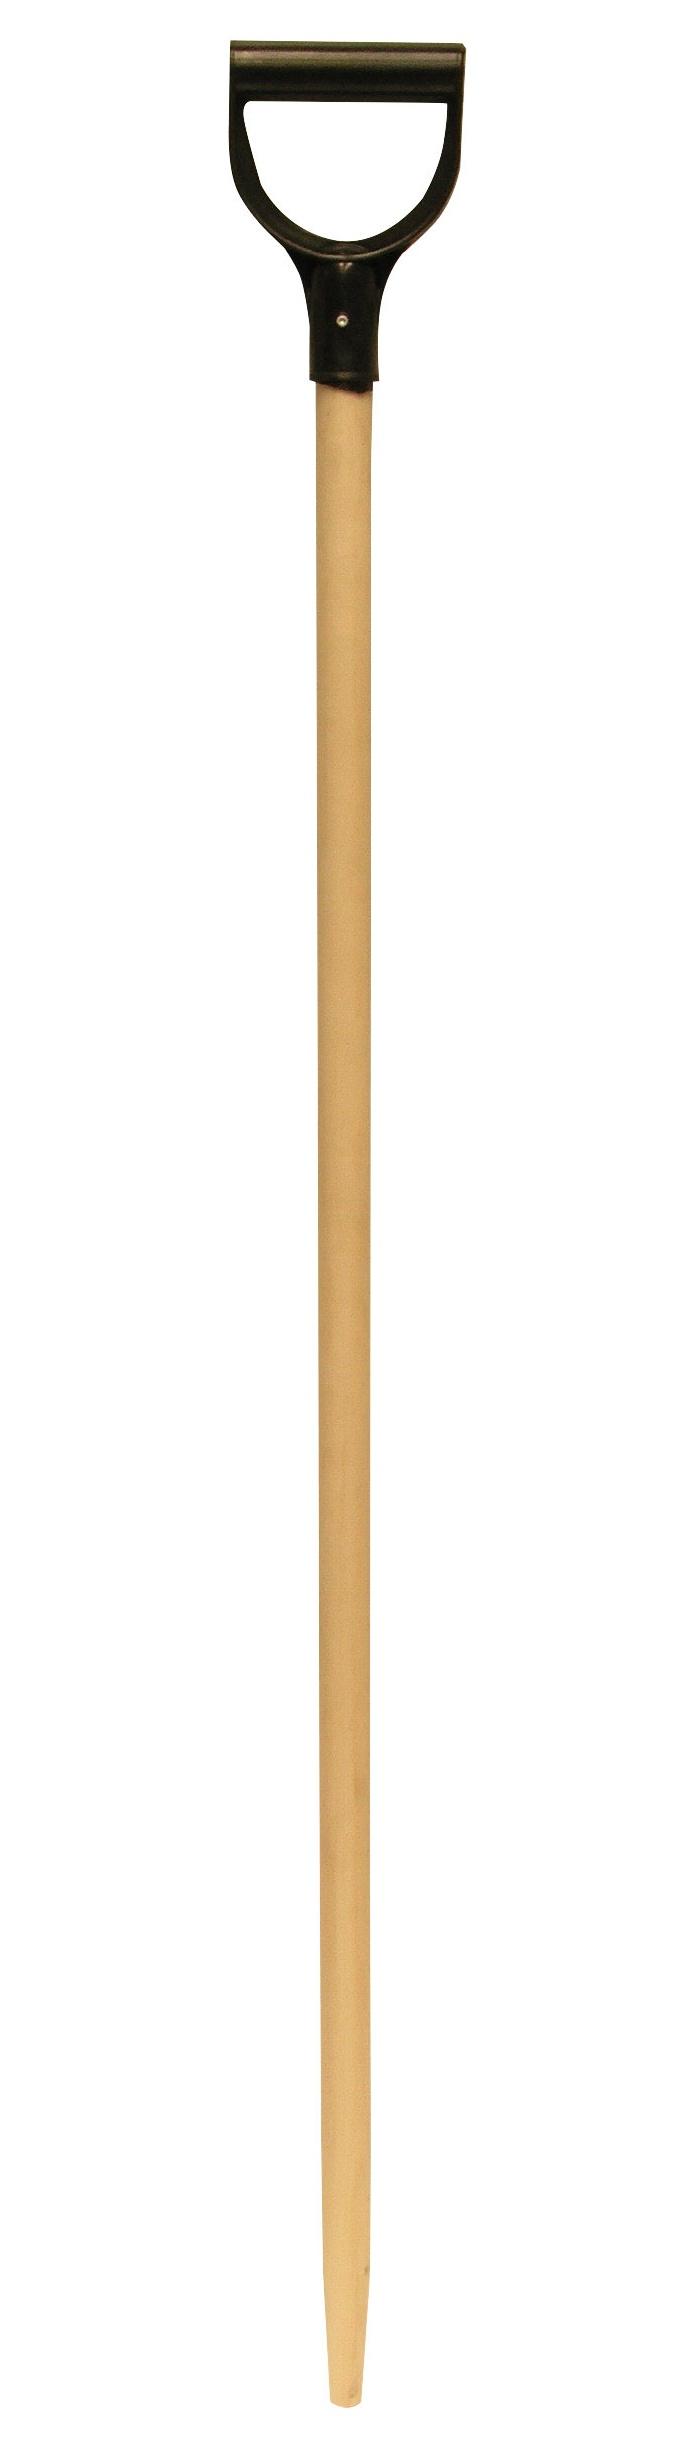 Násada dřevěná s D držadlem pro mistovací vidle GW